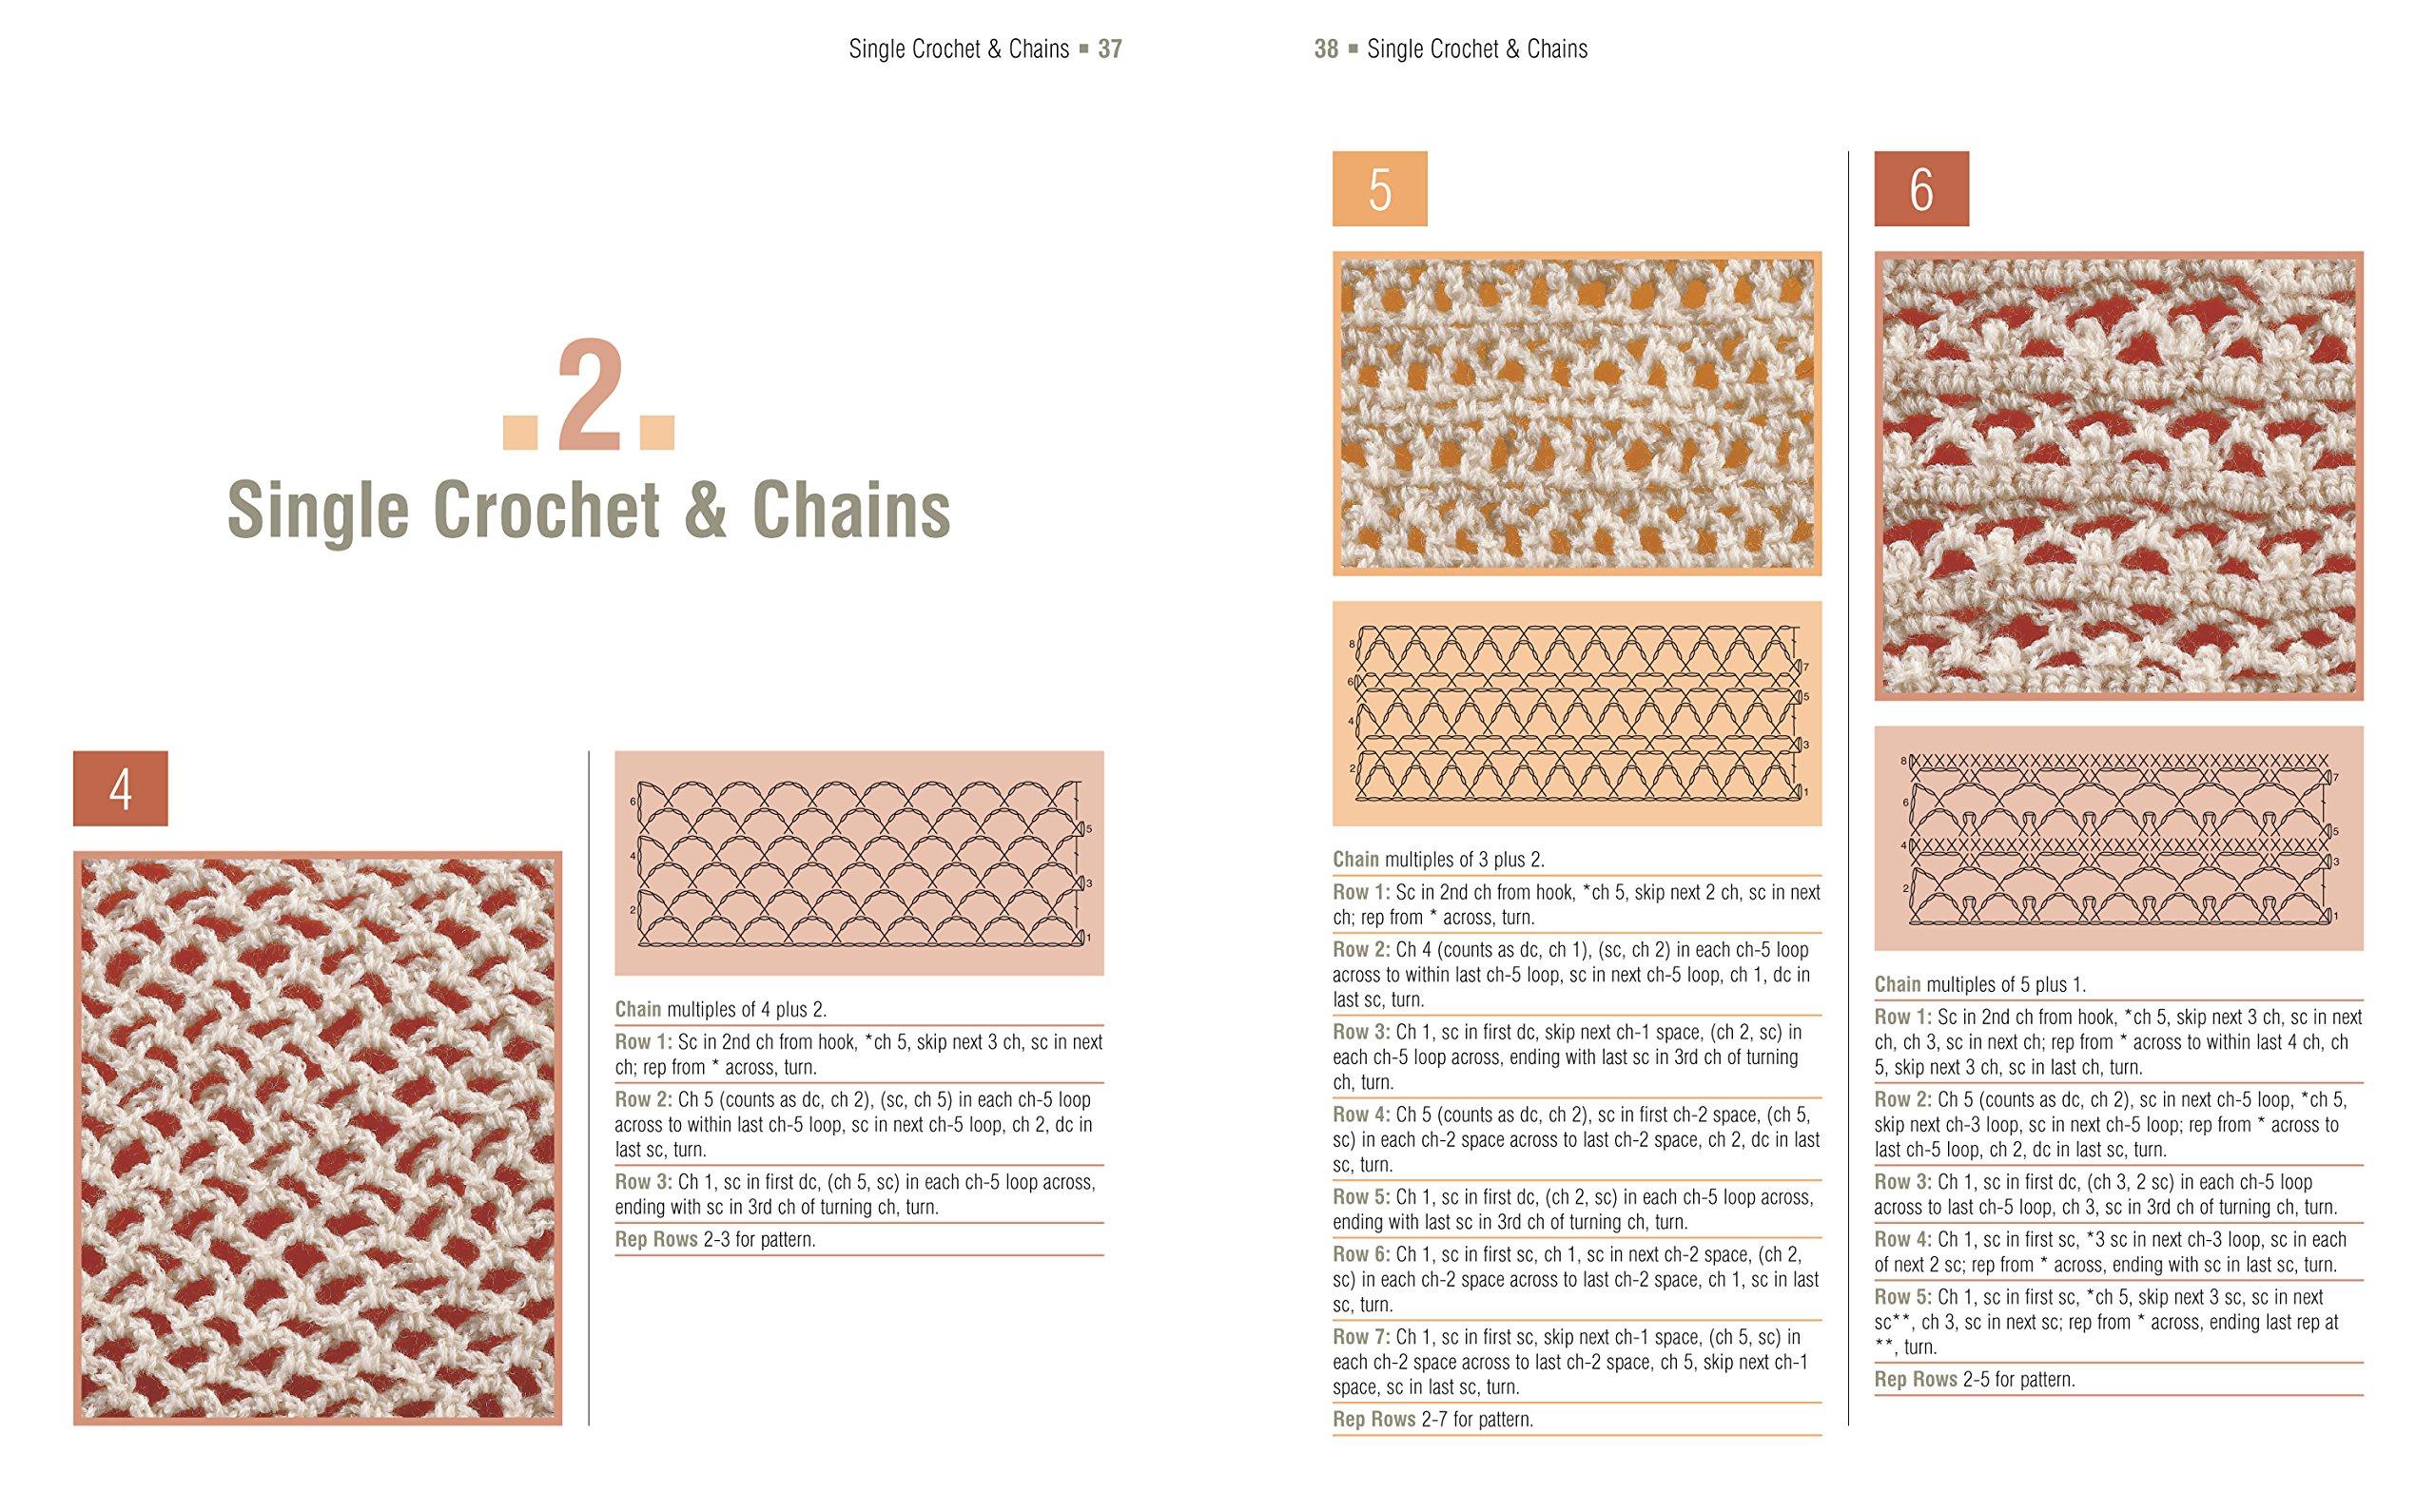 The Complete Book of Crochet Stitch Designs: 500 Classic & Original  Patterns (Complete Crochet Designs): Linda P. Schapper: 9781454701378:  Amazon.com: Books